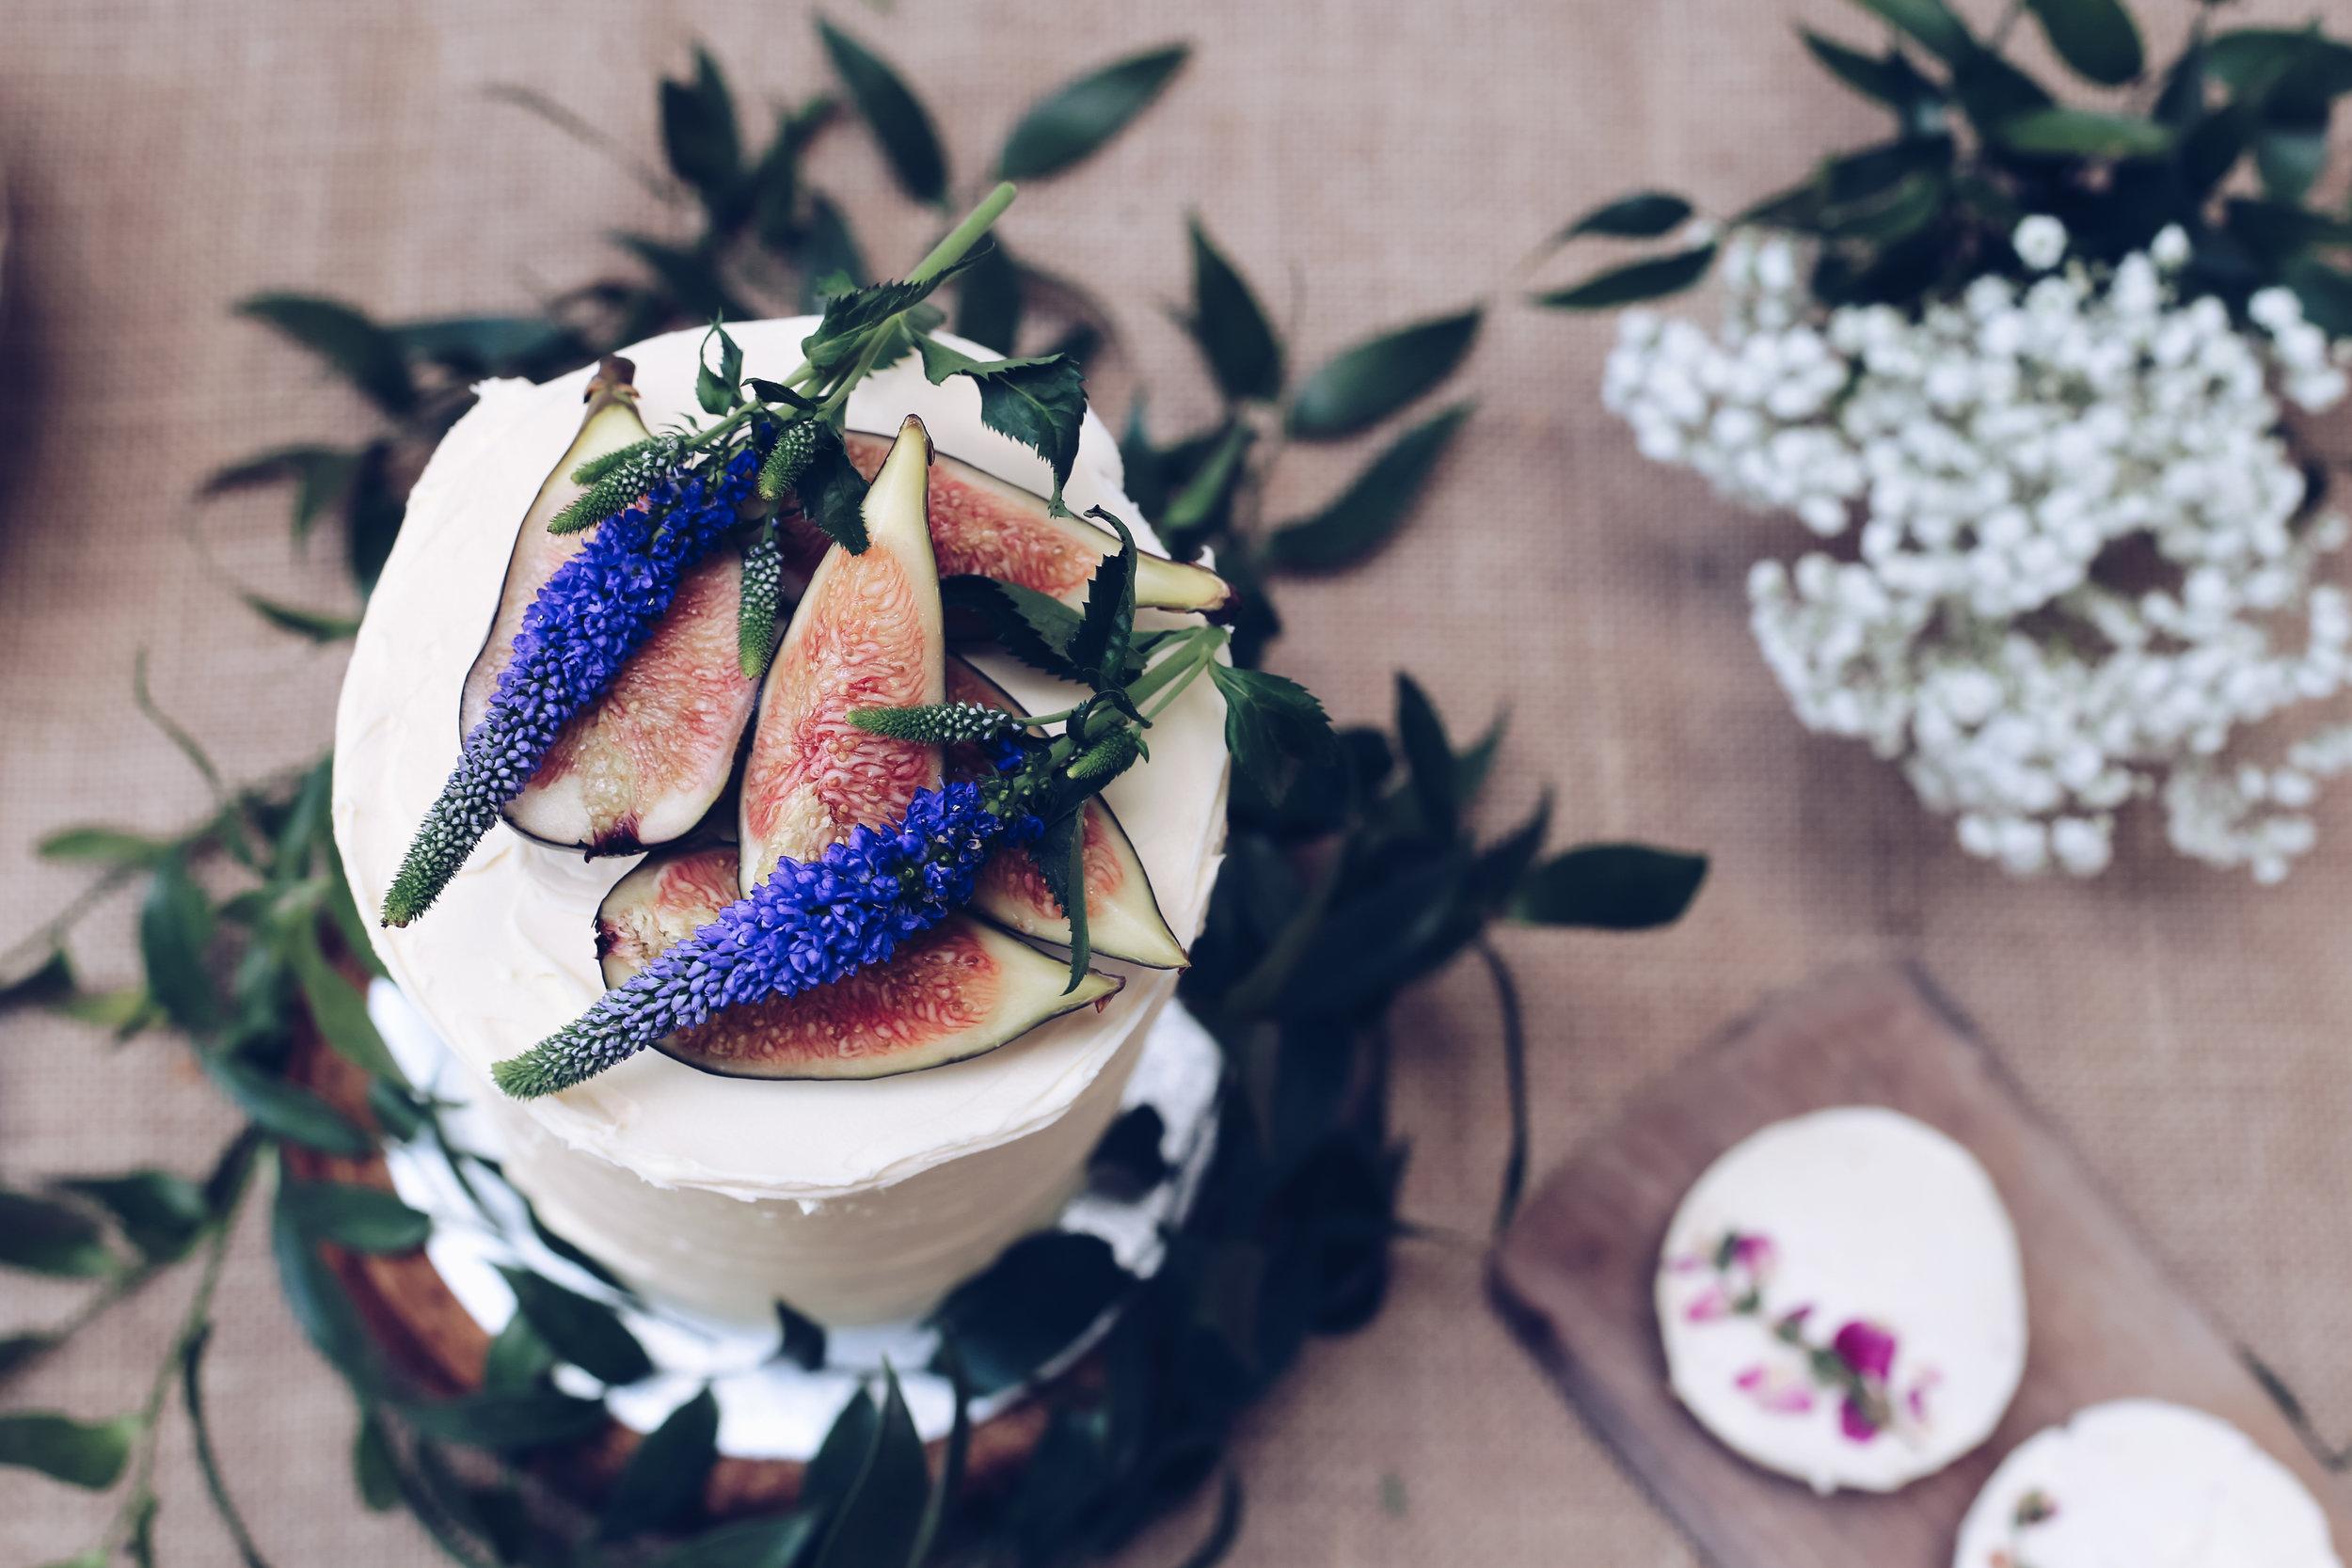 Layered Cakes04.jpg